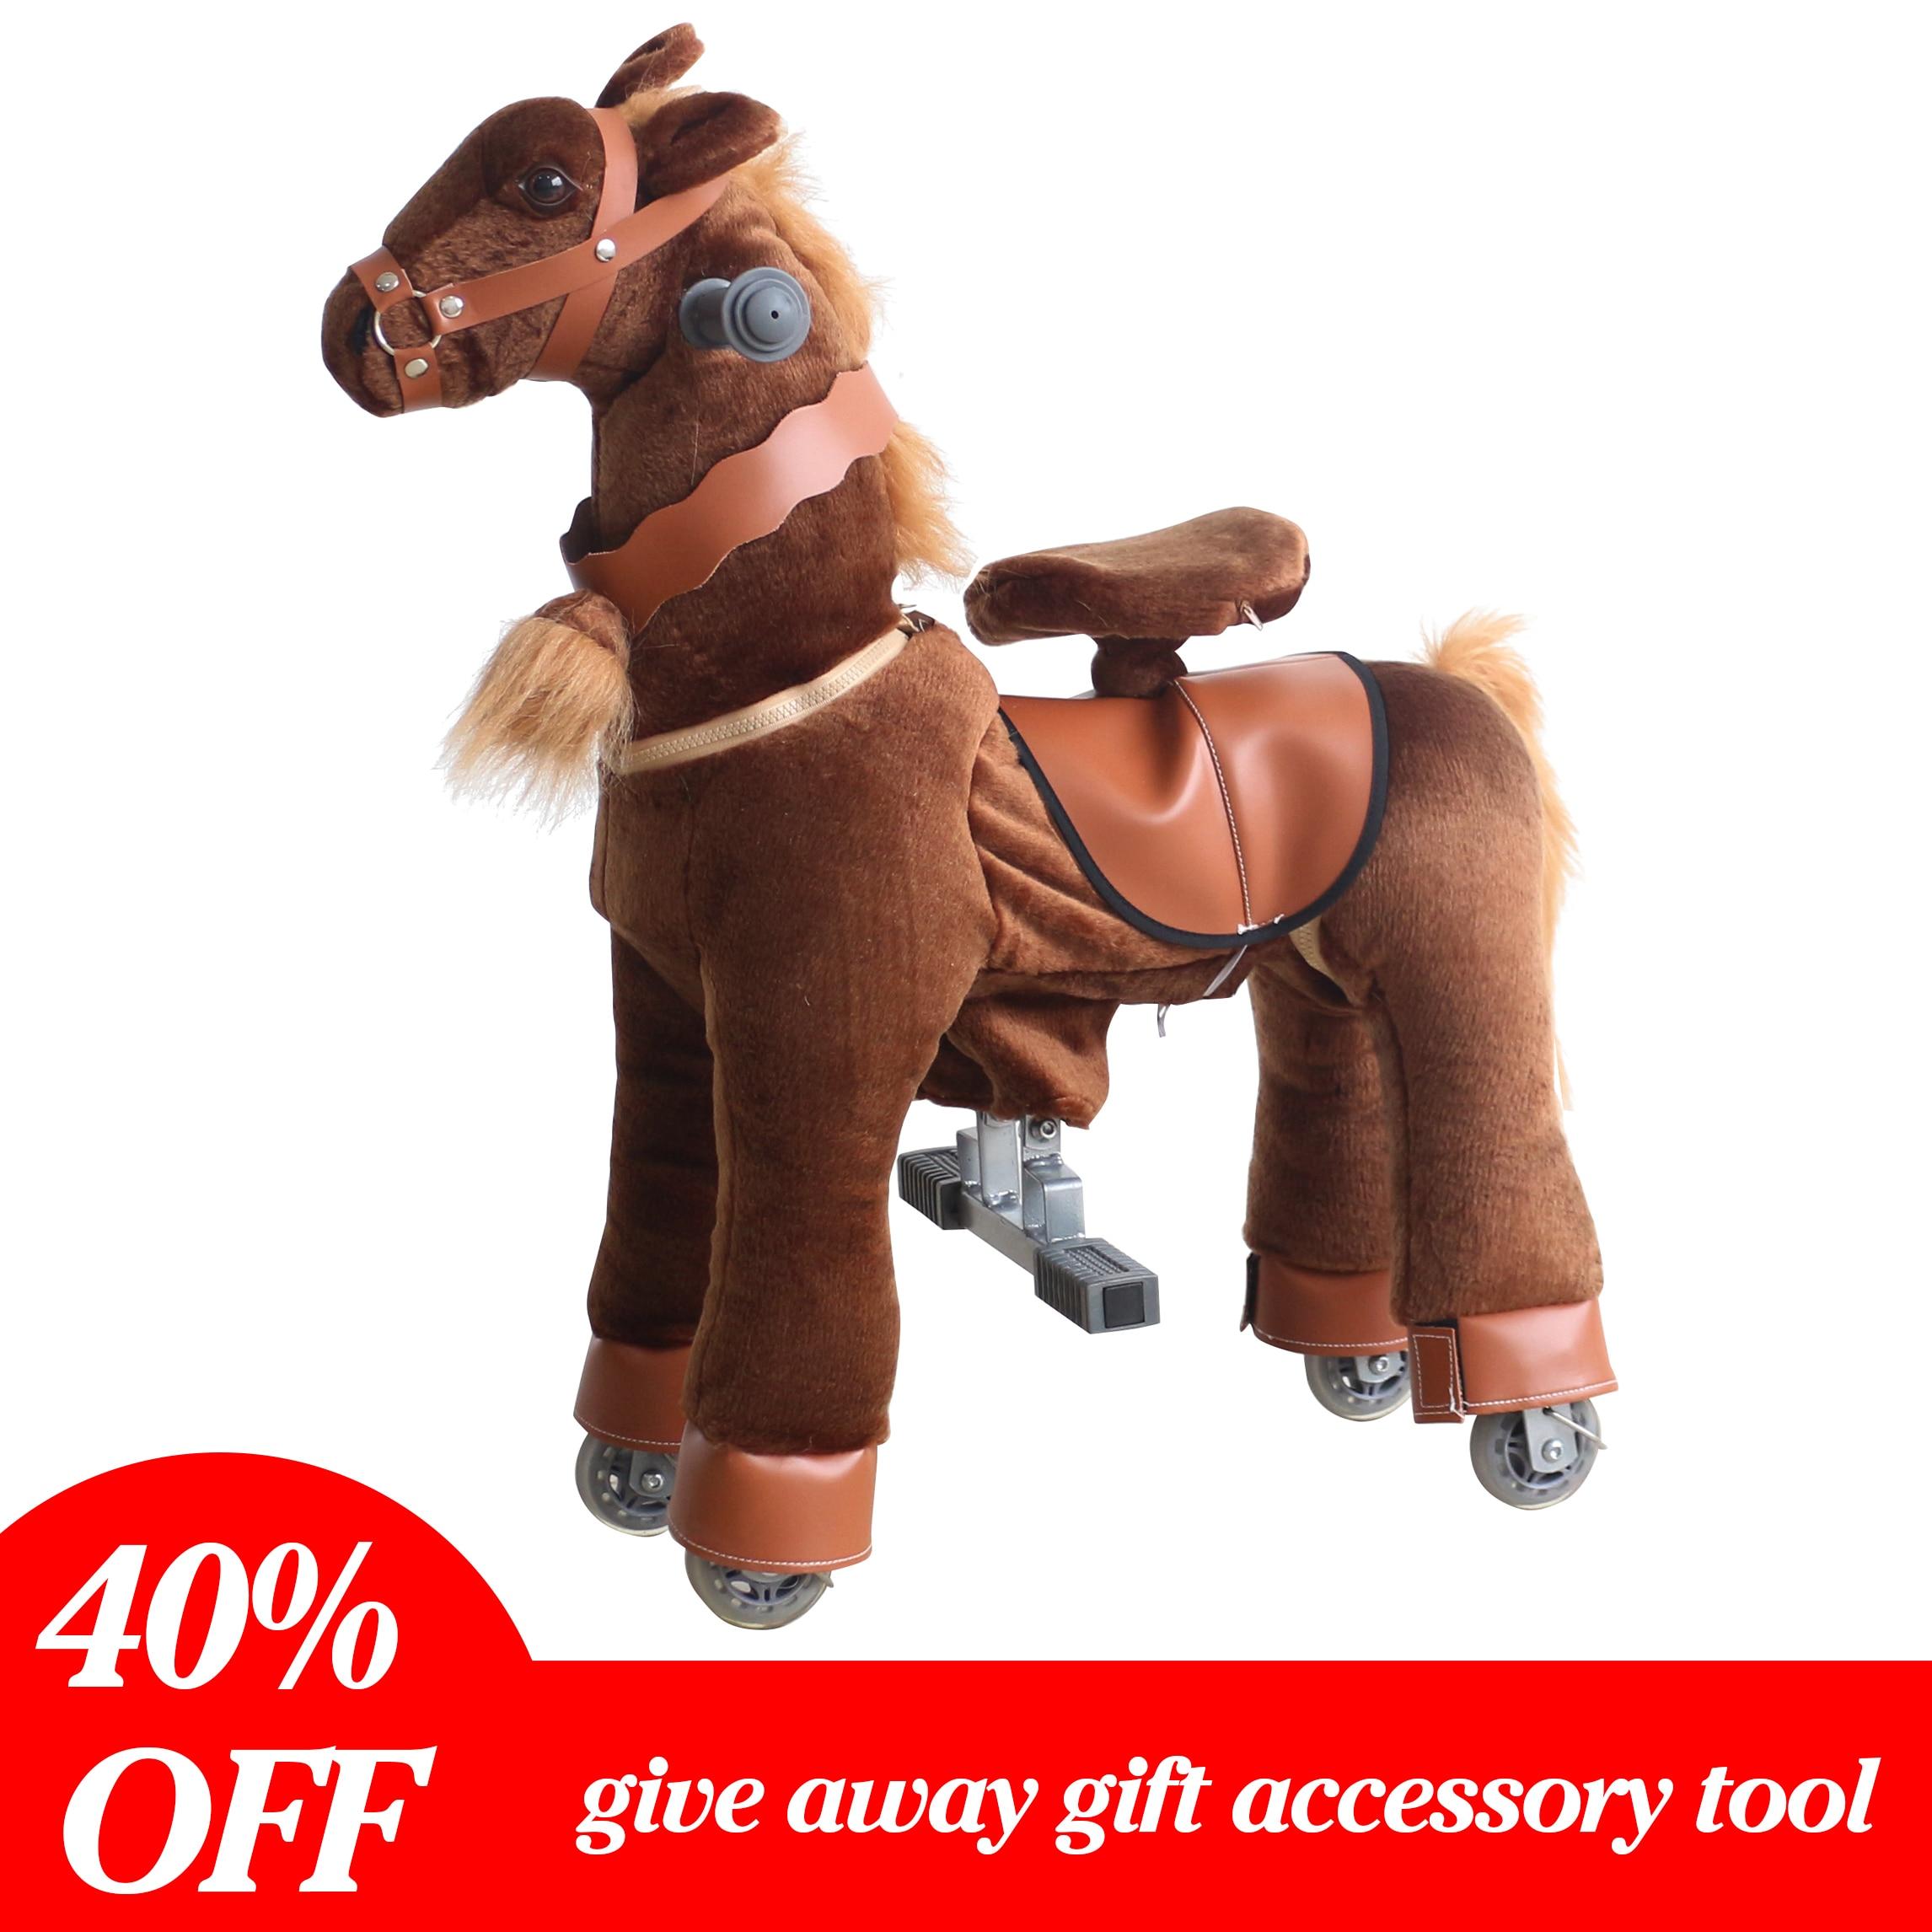 Équitation Animal mécanique jeu de course de chevaux monter sur des jouets de cheval pour les enfants âgés de 3-7 ans brun profond petit poney cadeaux pour enfants